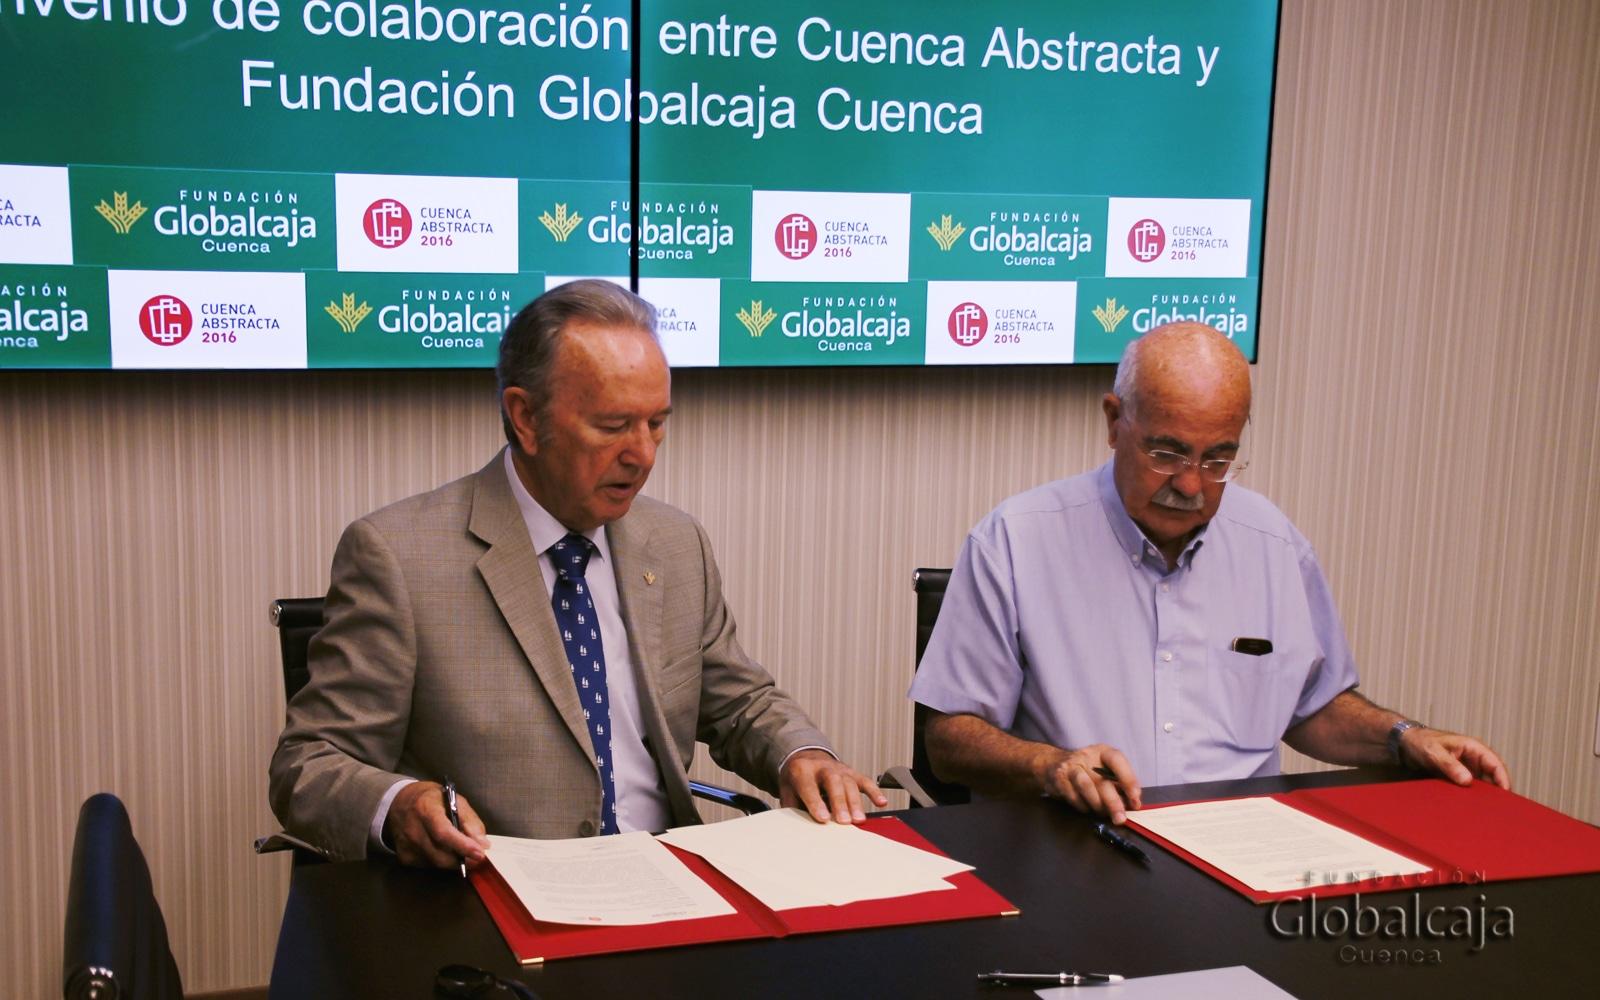 Cuenca Abstracta firma un convenio de colaboración con la Fundación Globalcaja-Cuenca